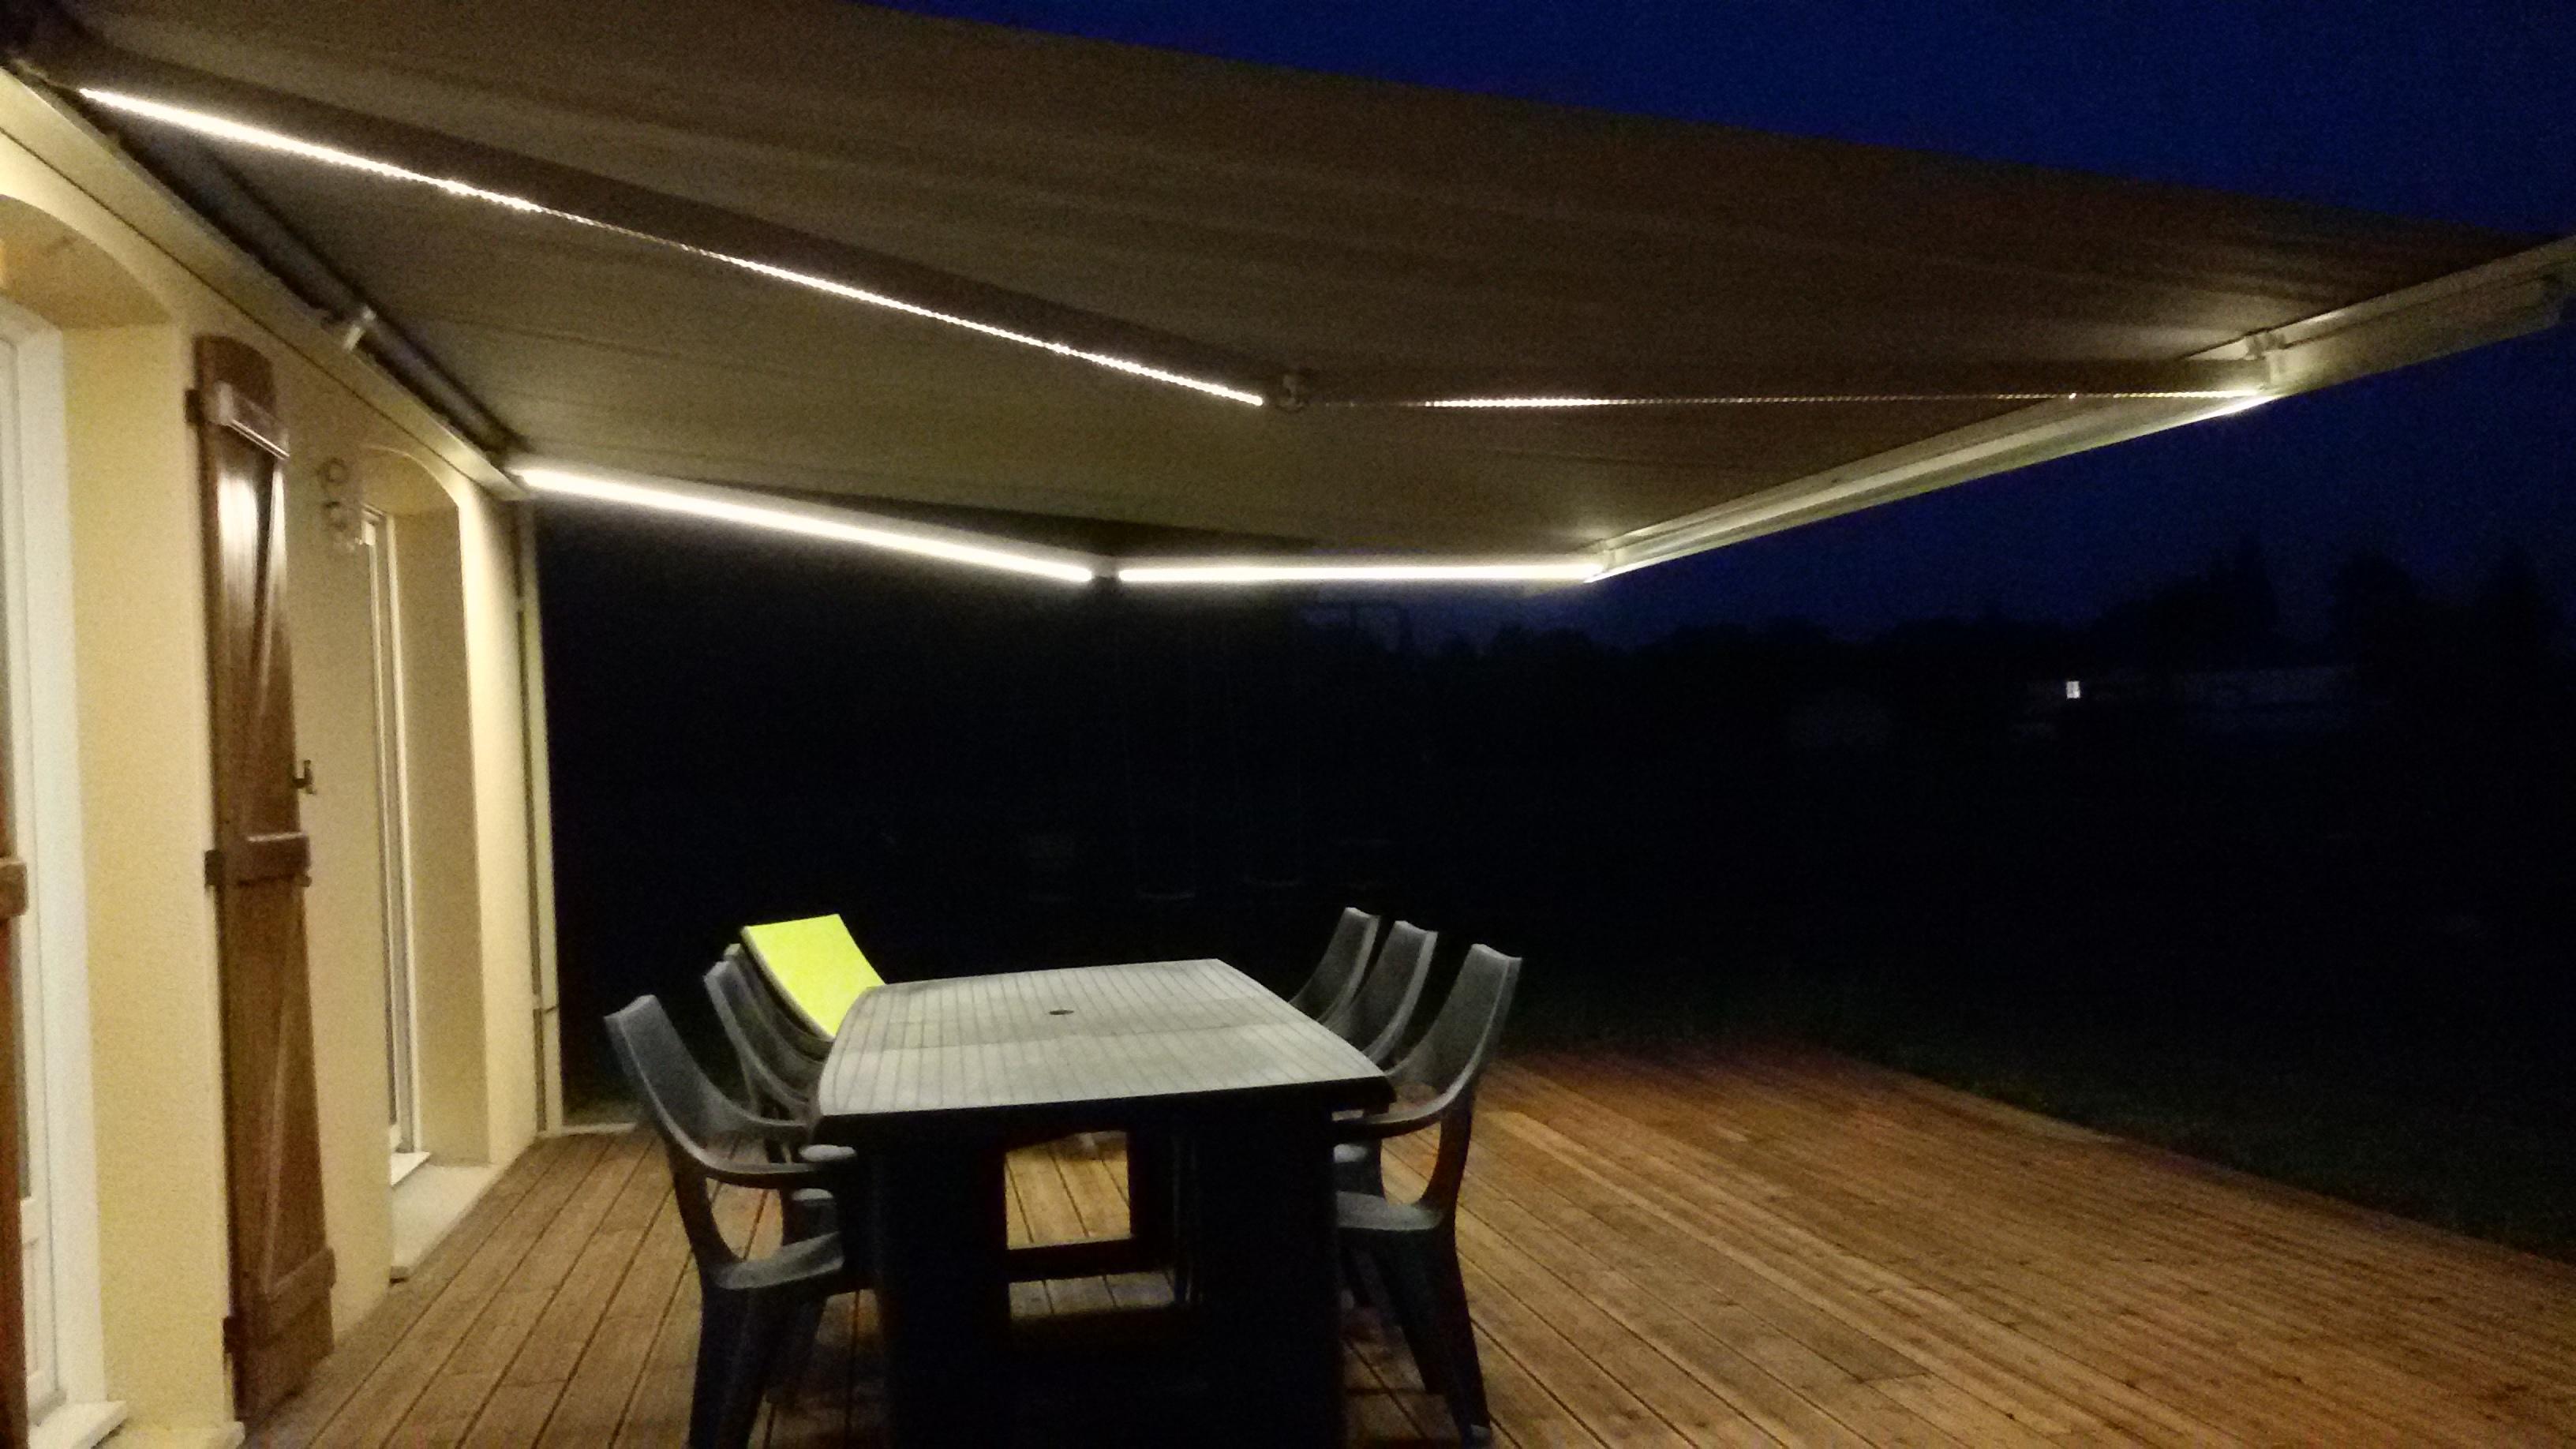 corfou ambiance avec leds alu glass. Black Bedroom Furniture Sets. Home Design Ideas